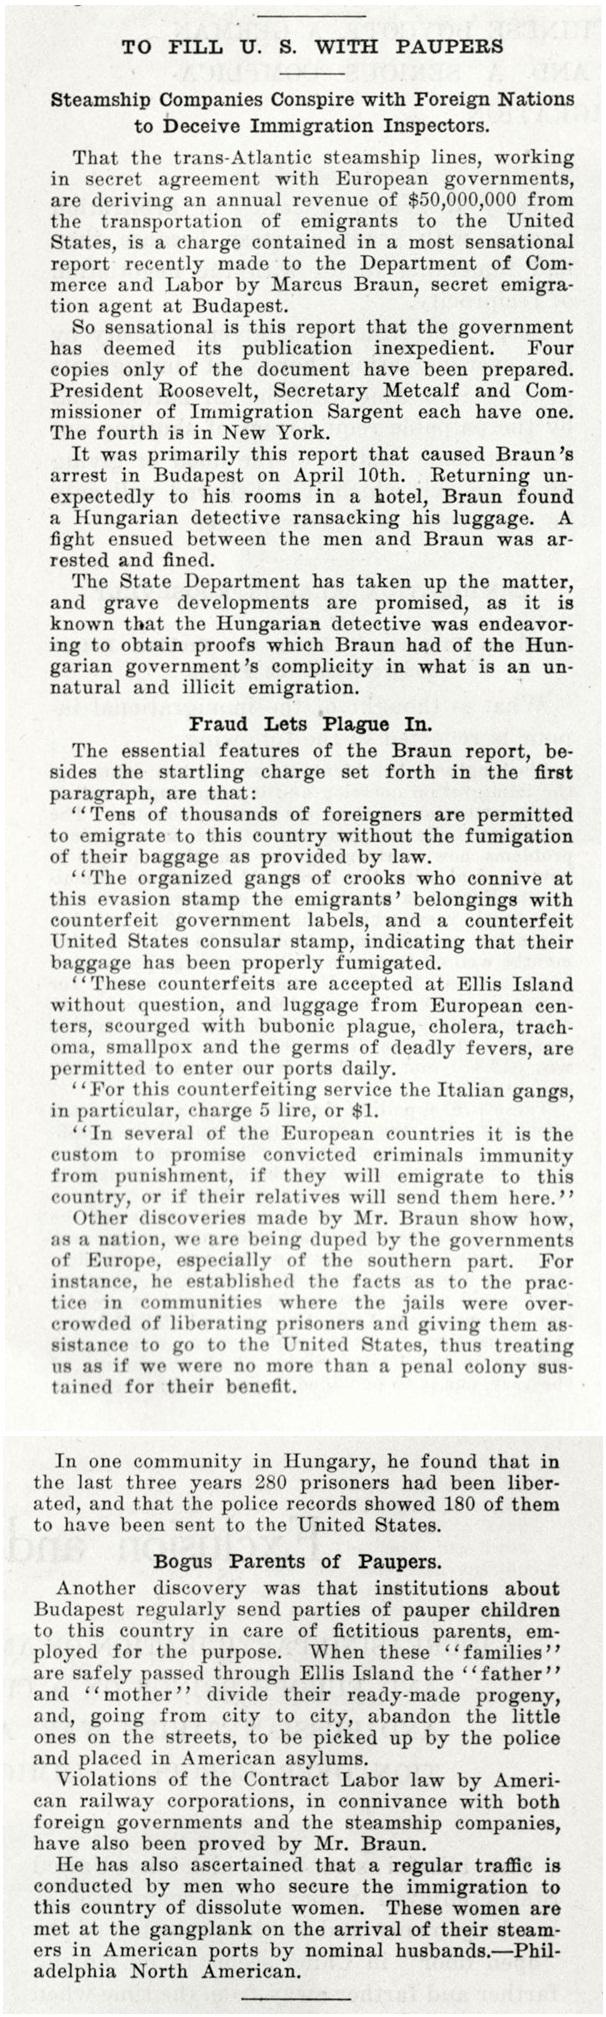 Immigration alarms Roosevelt_2_pandexofpress02strerich_0034aa-vert